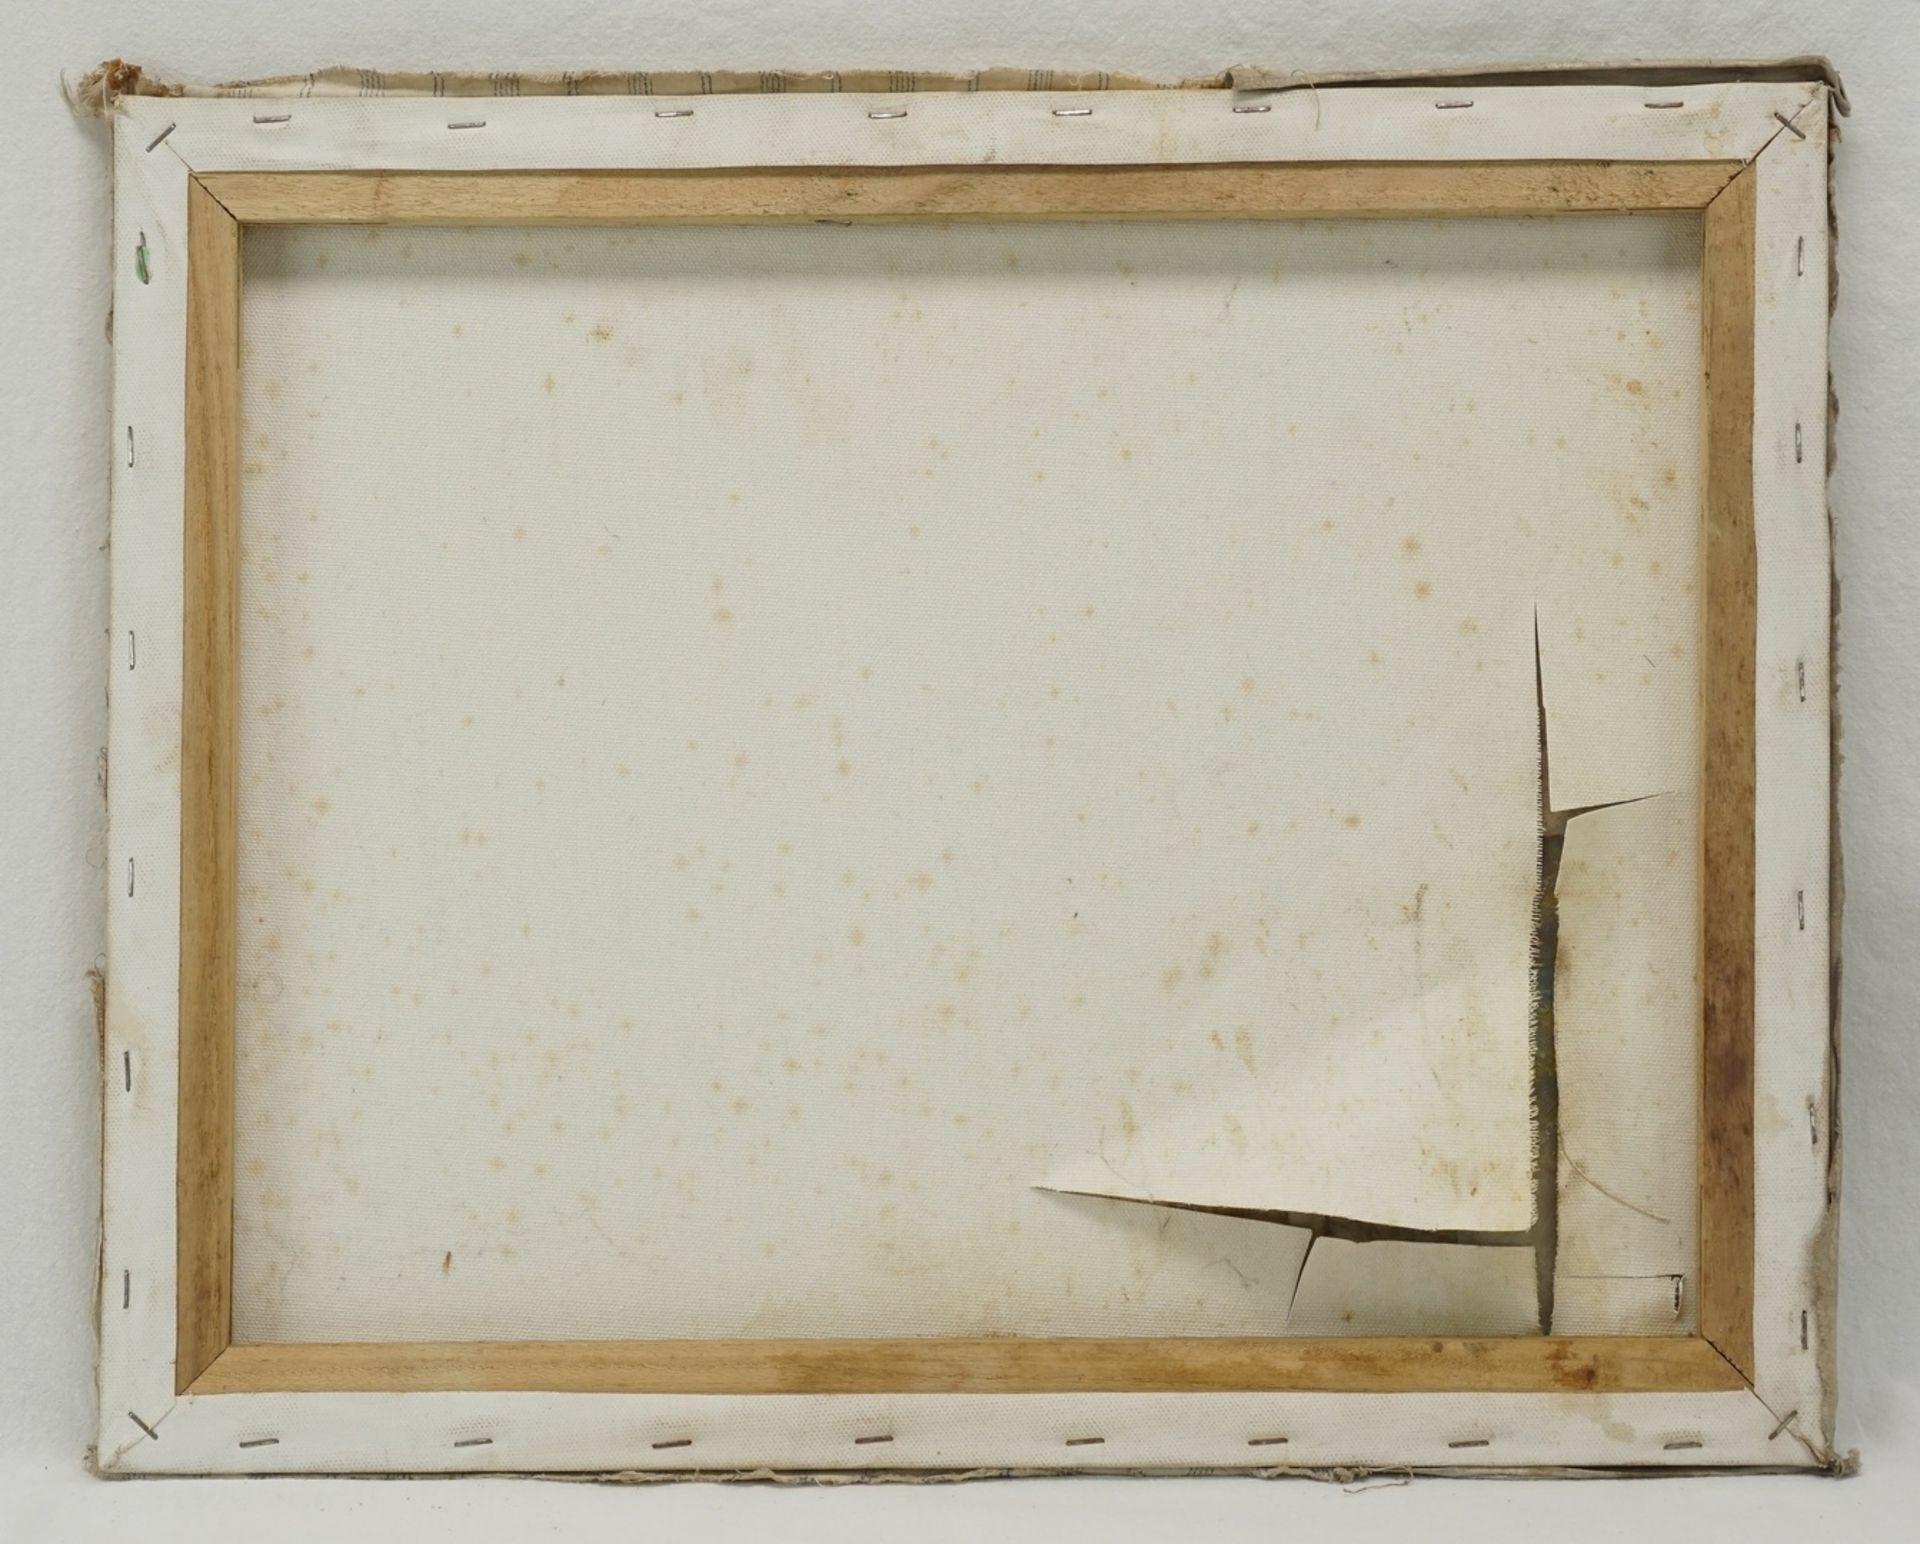 Bendix Passig, Der Maler als Attraktion - Bild 3 aus 4